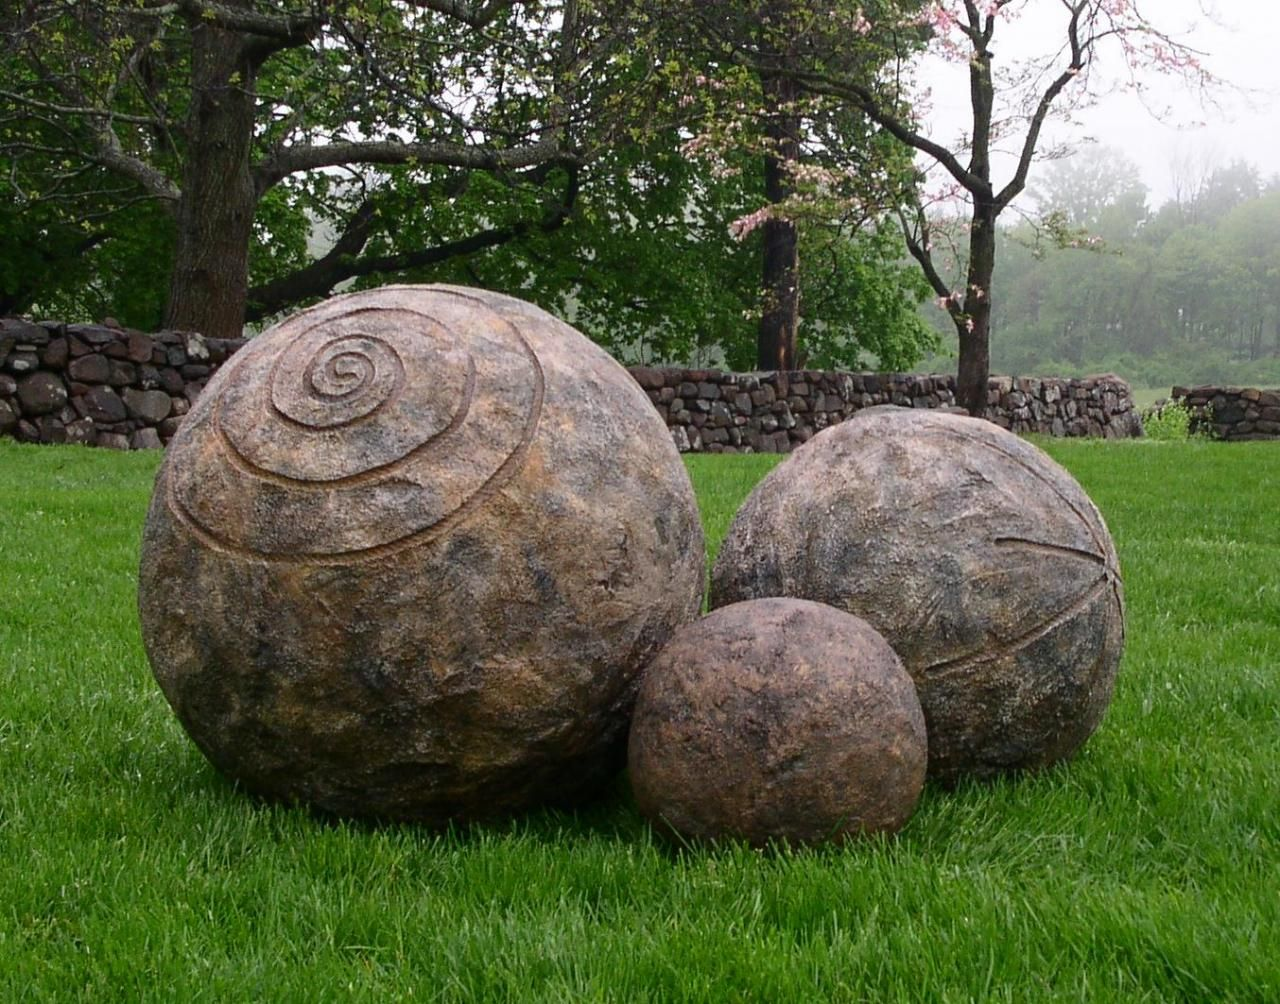 3 Sizes Of Spheres